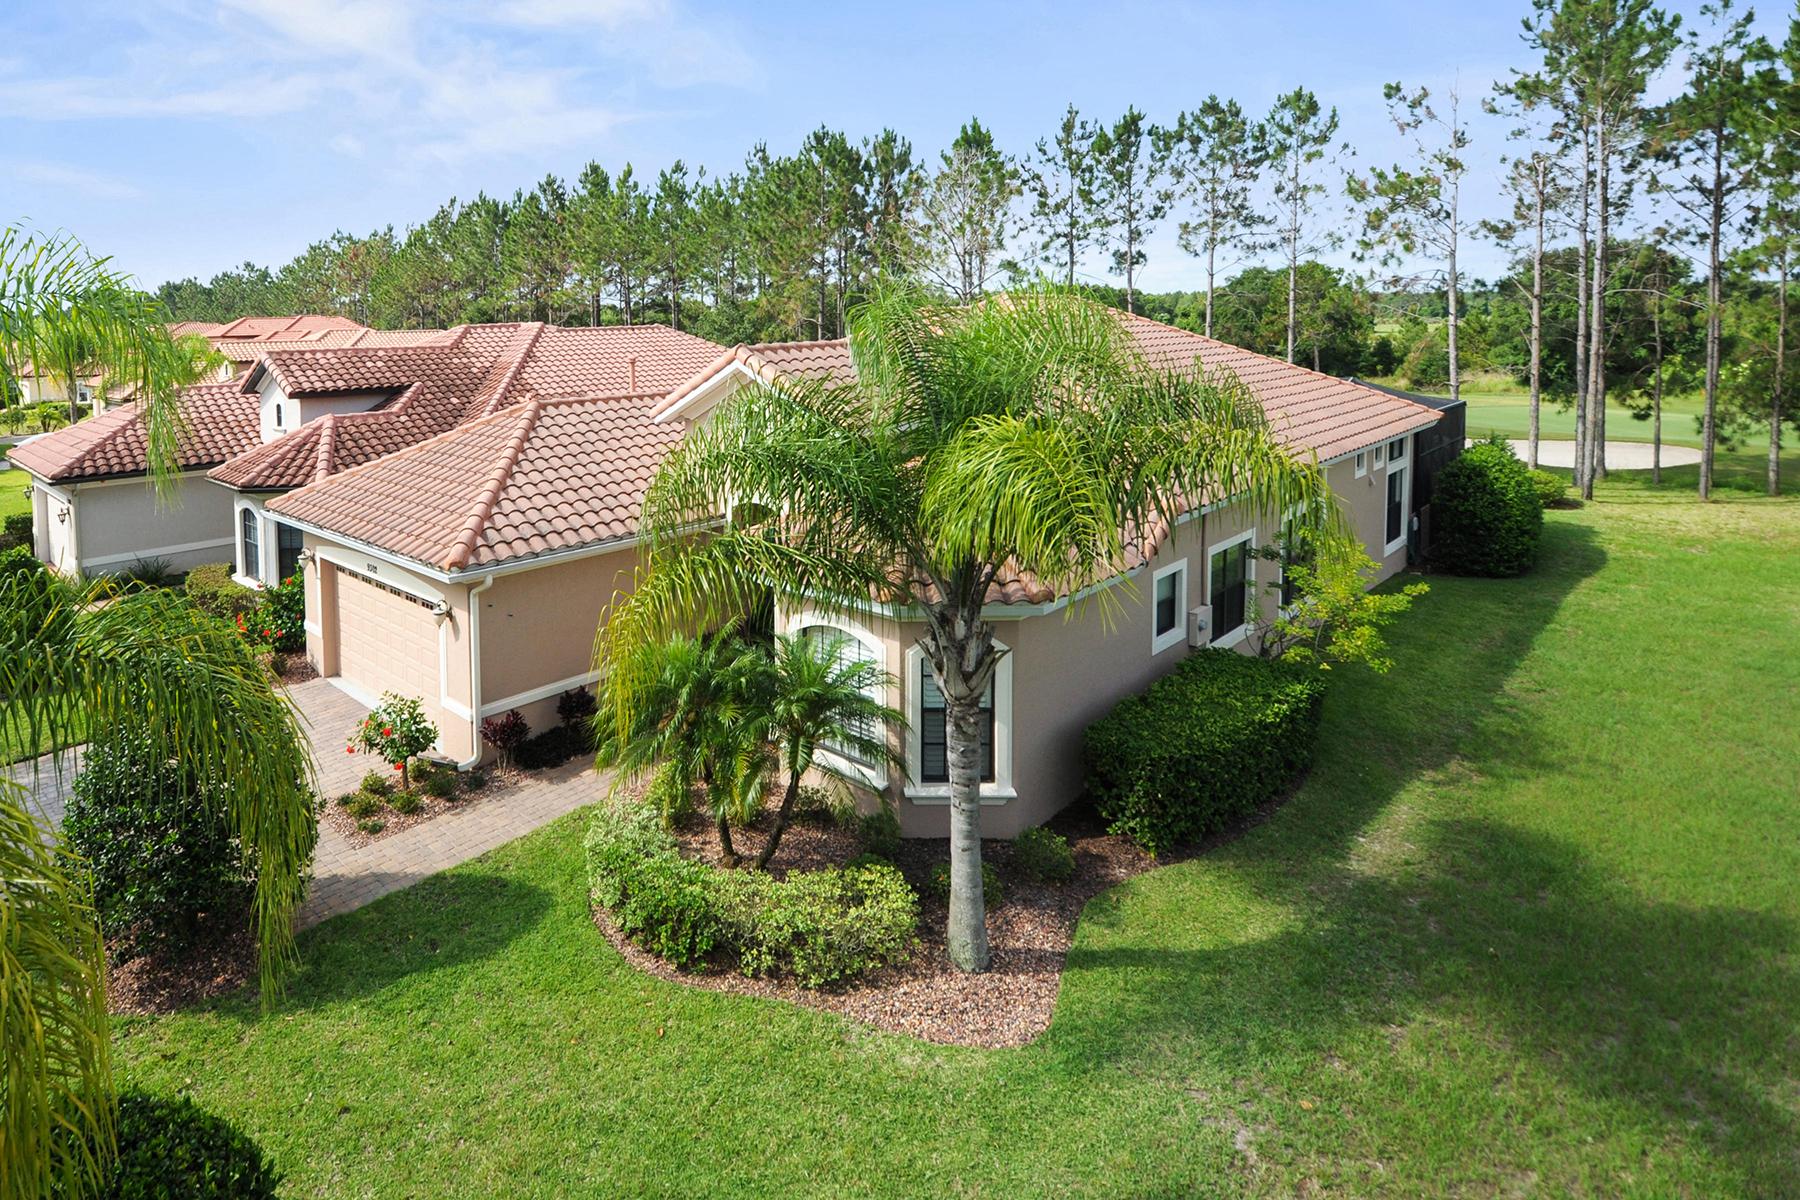 Moradia para Venda às ORLANDO - HOWEY in the HILLS 9302 San Jose Blvd Howey In The Hills, Florida, 34737 Estados Unidos